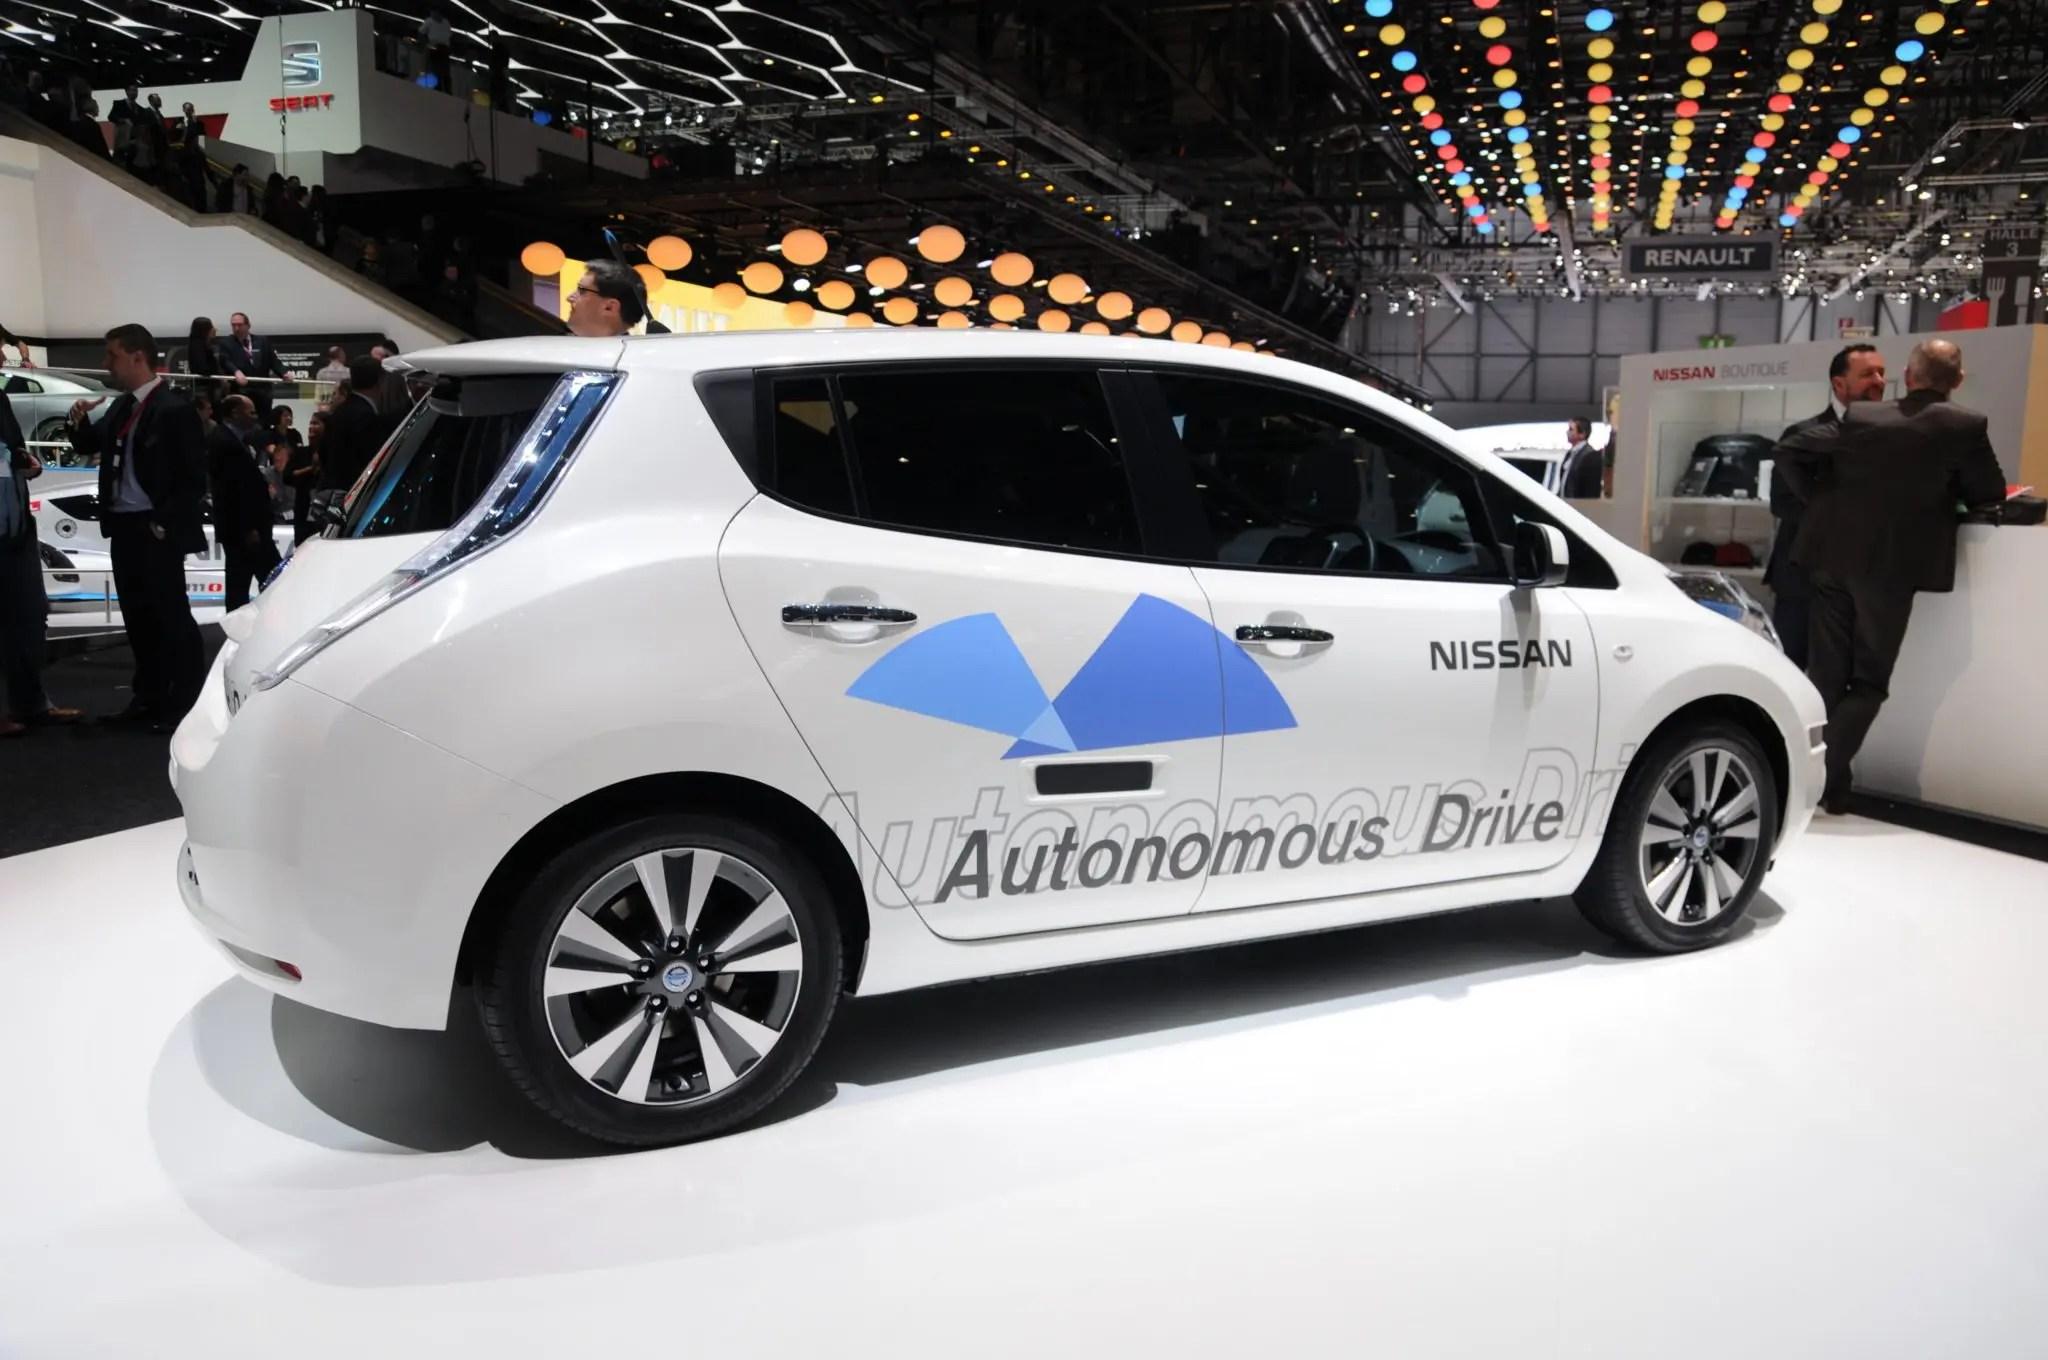 Nissan unveils new autonomous vehicle tech during CES